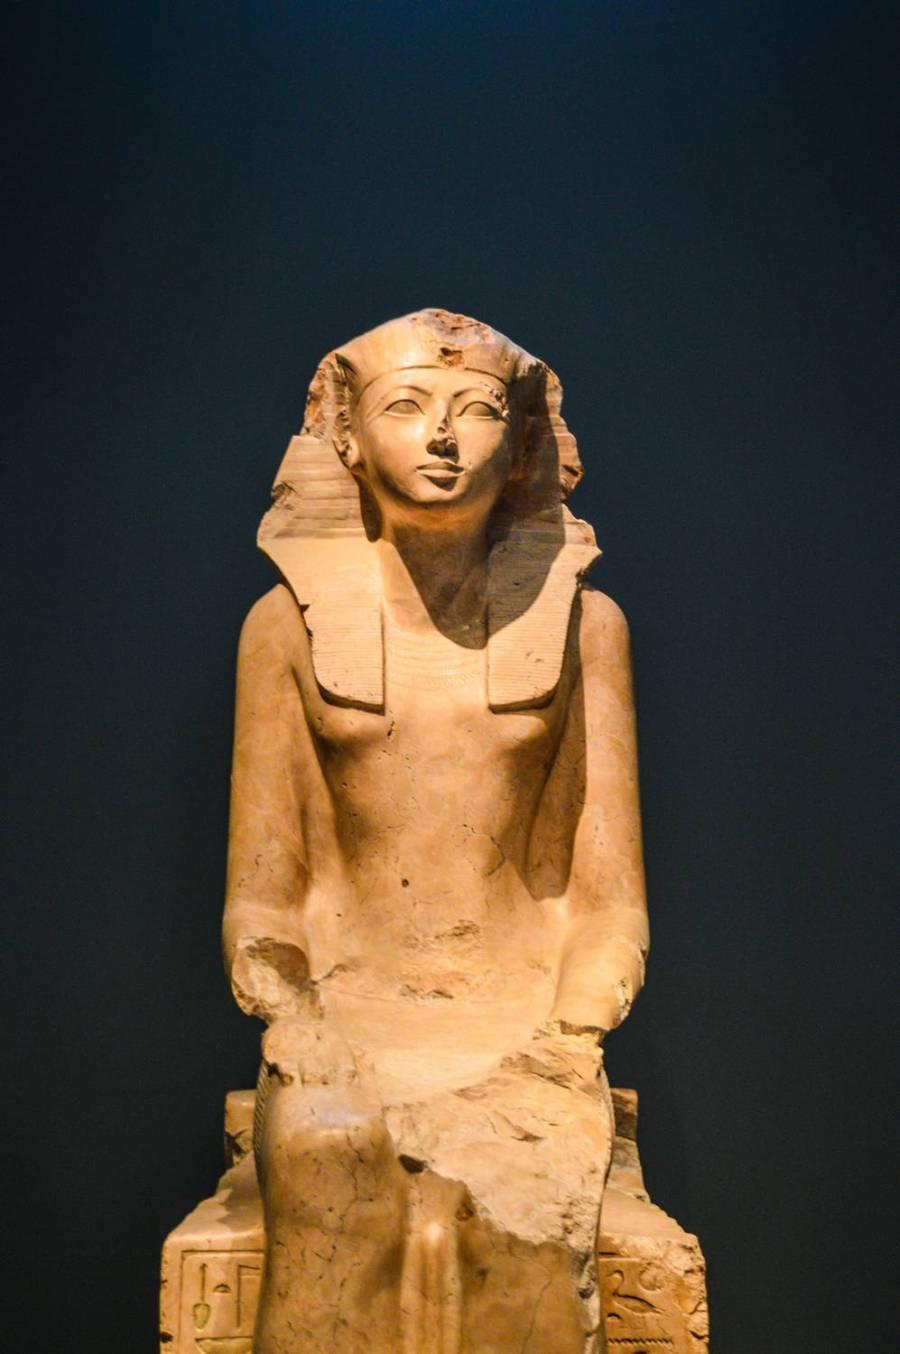 Oeuvre d'art datant de l'Egypte Antique au Metropolitan Museum of Art - New York, Etats-Unis